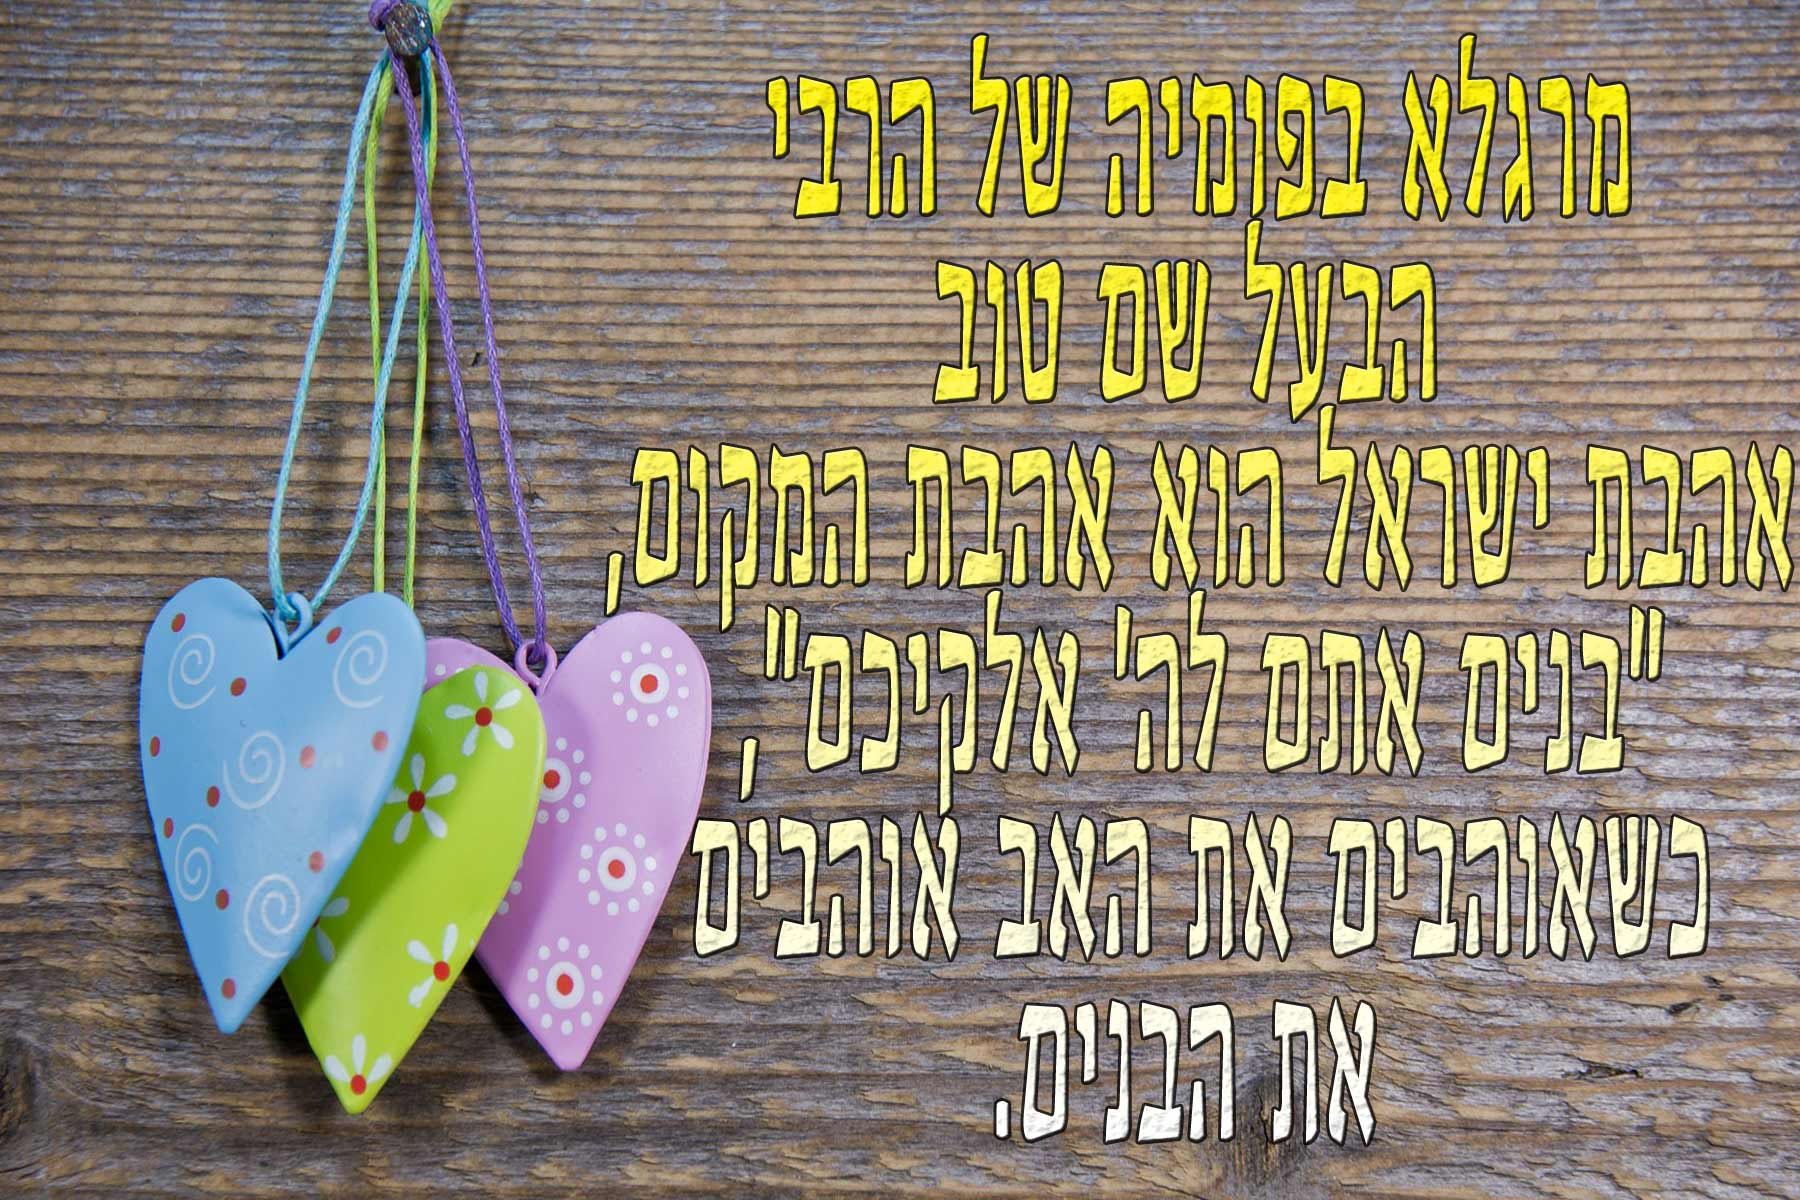 אהבת ישראל הוא אהבת המקום